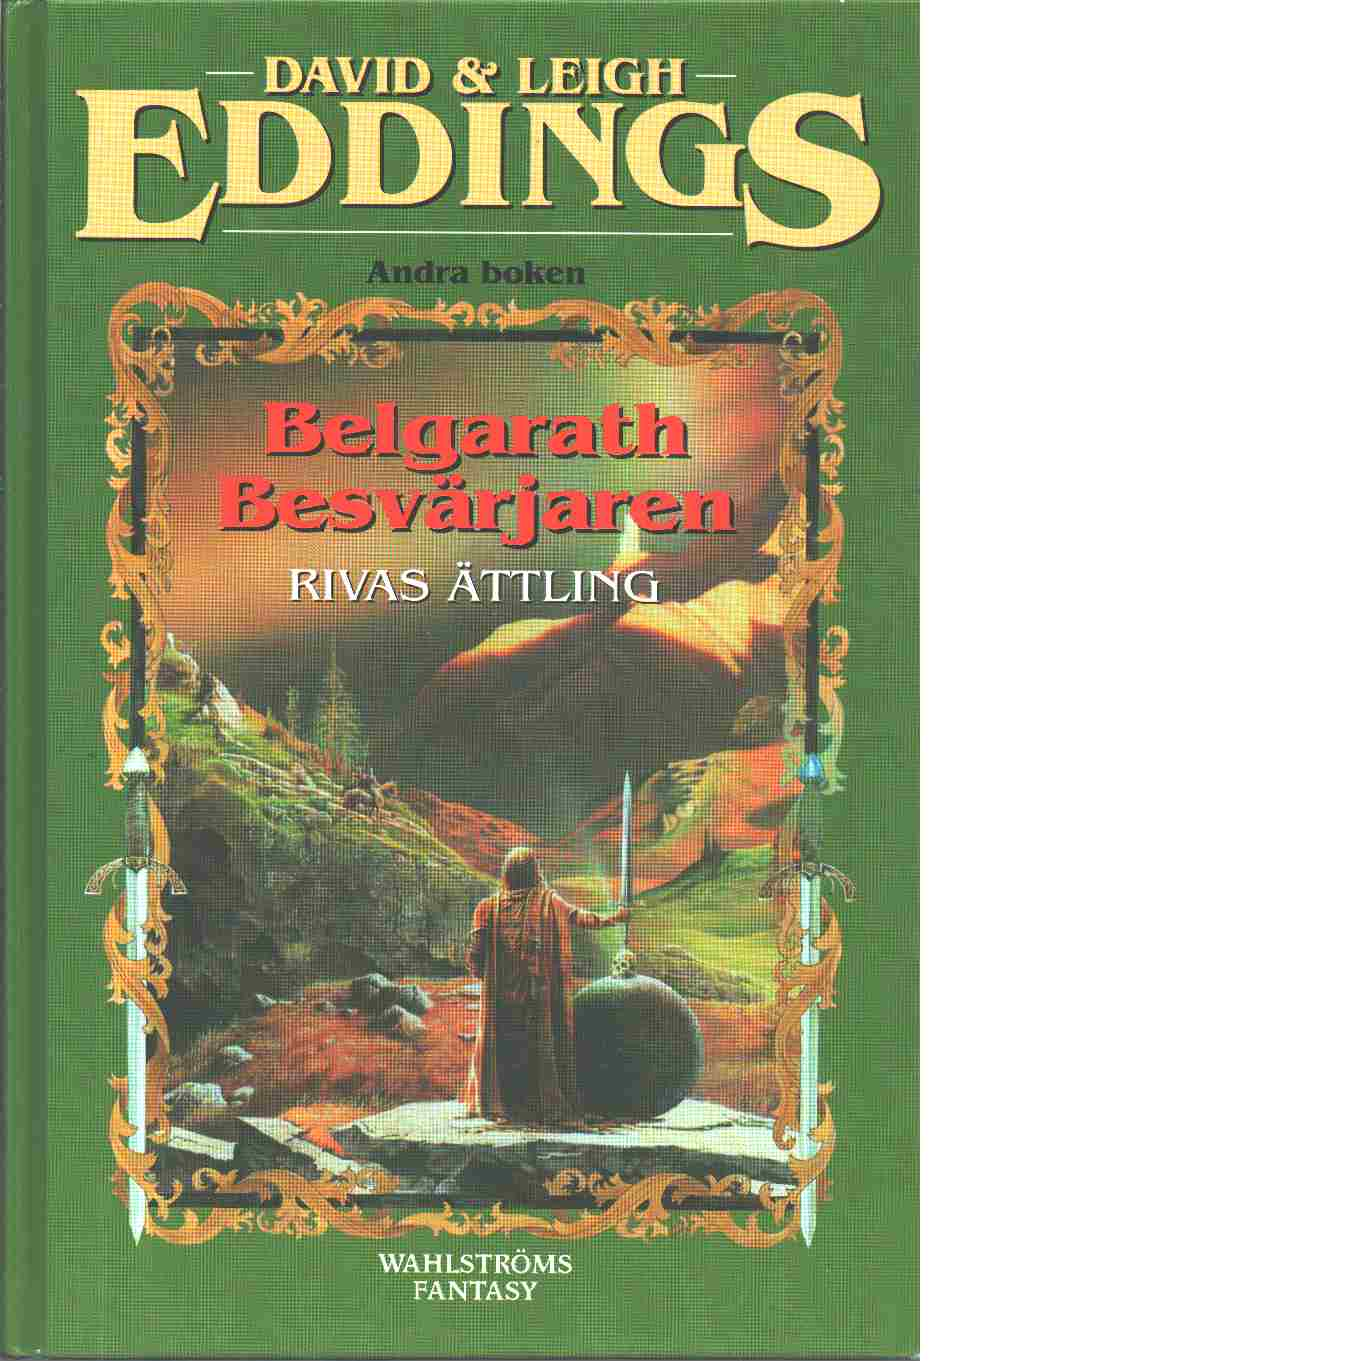 Belgarath besvärjaren. Bok 2, Rivas ättling - Eddings, David  och Eddings, Leigh